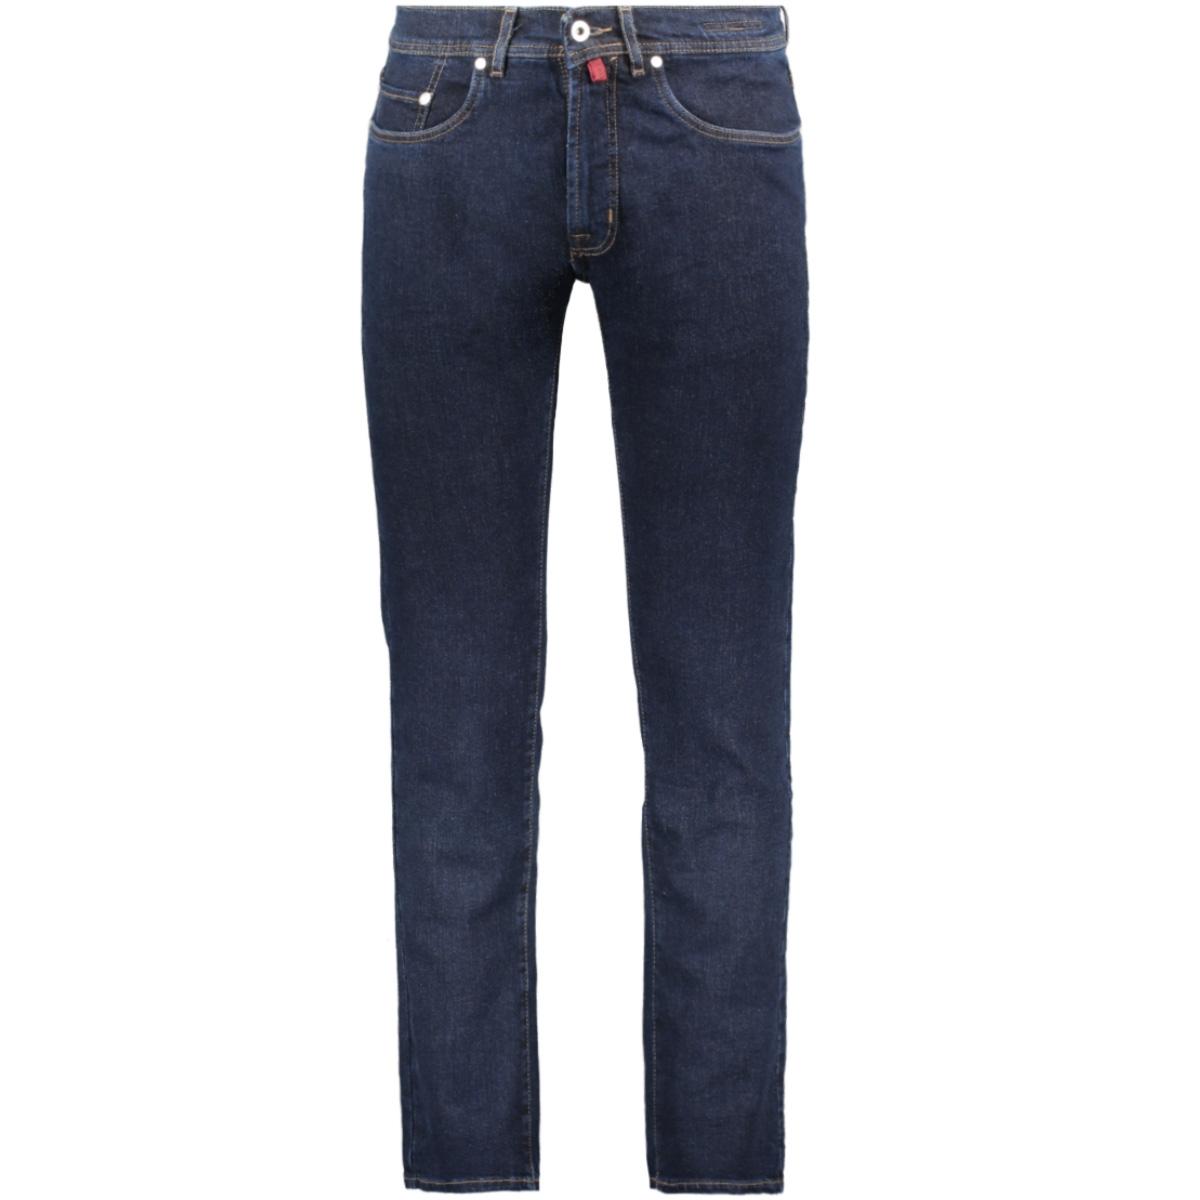 lyon 3091 7192.67 pierre cardin jeans 67